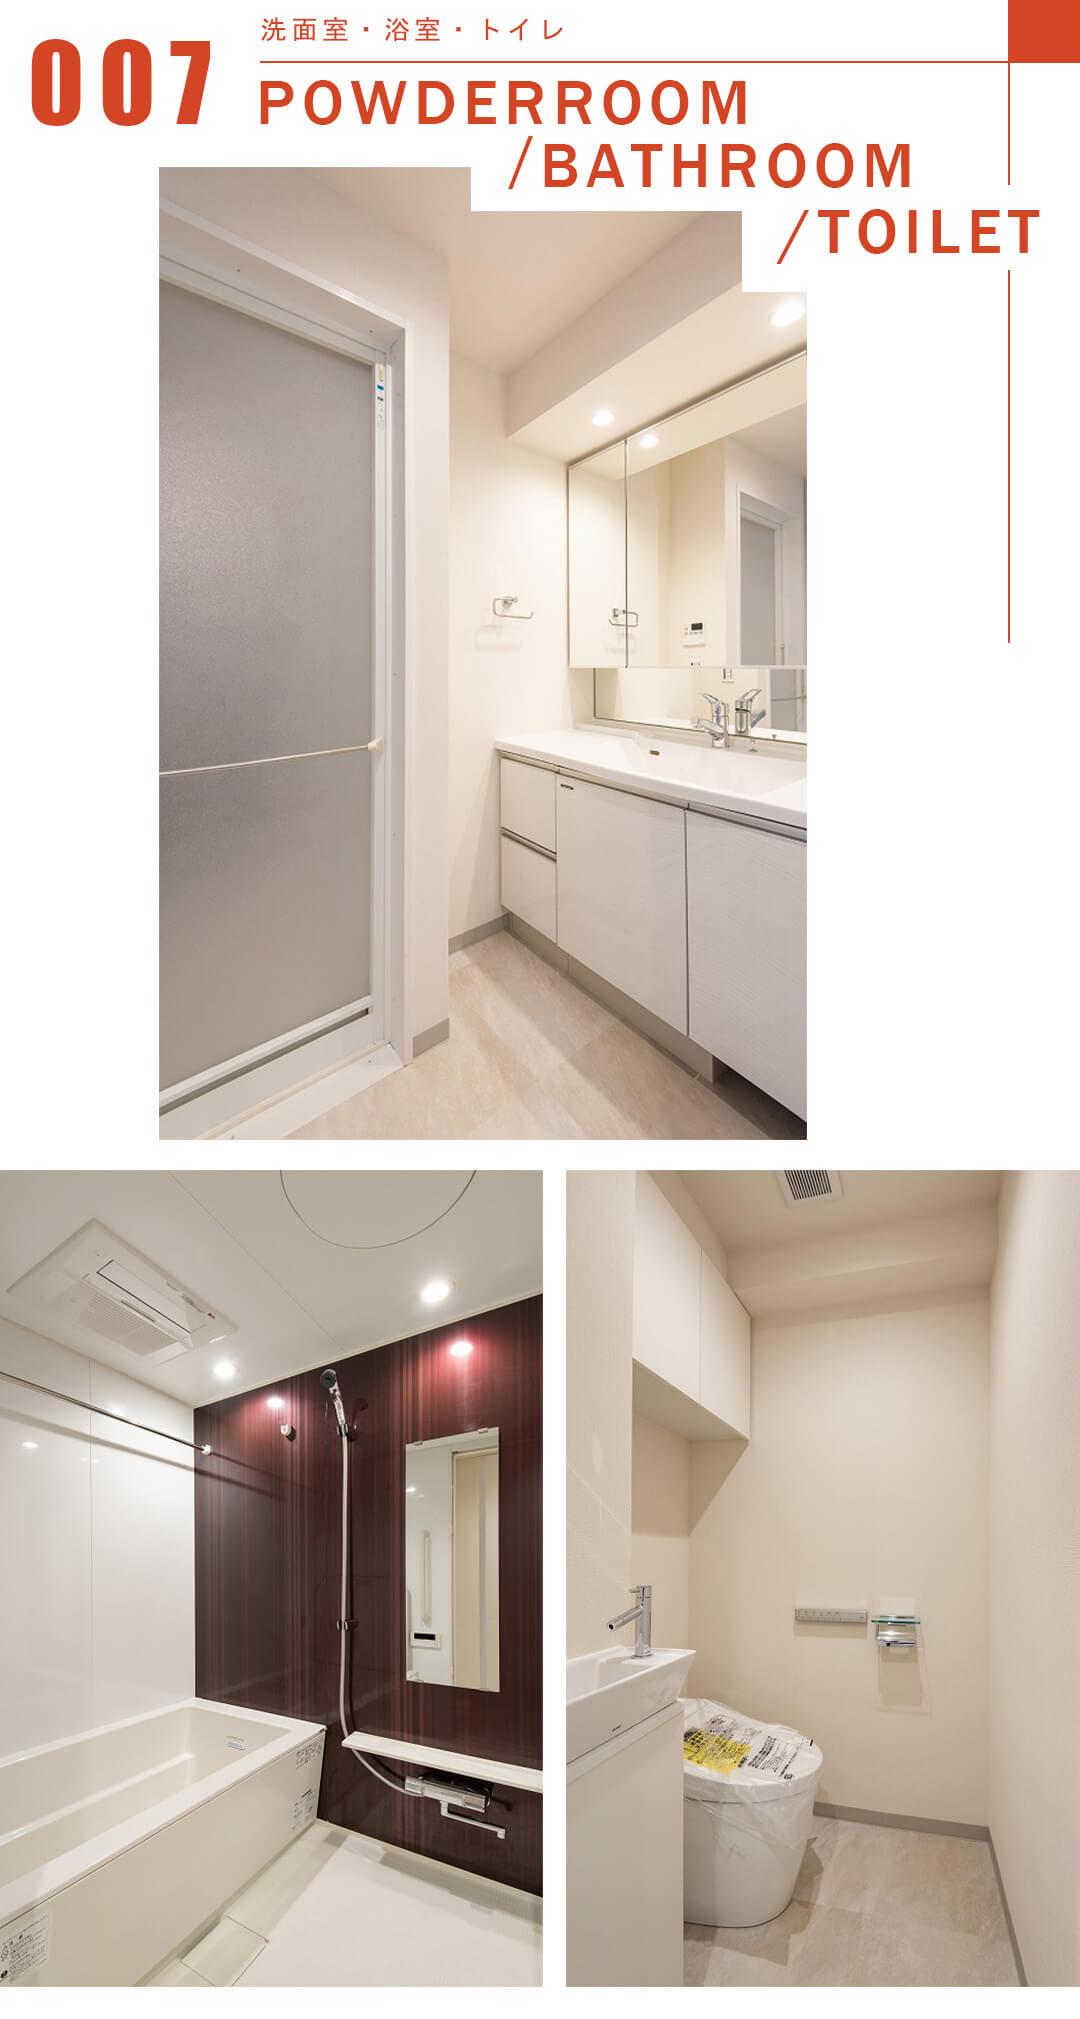 ブレシア新御徒町の洗面室と浴室とトイレ